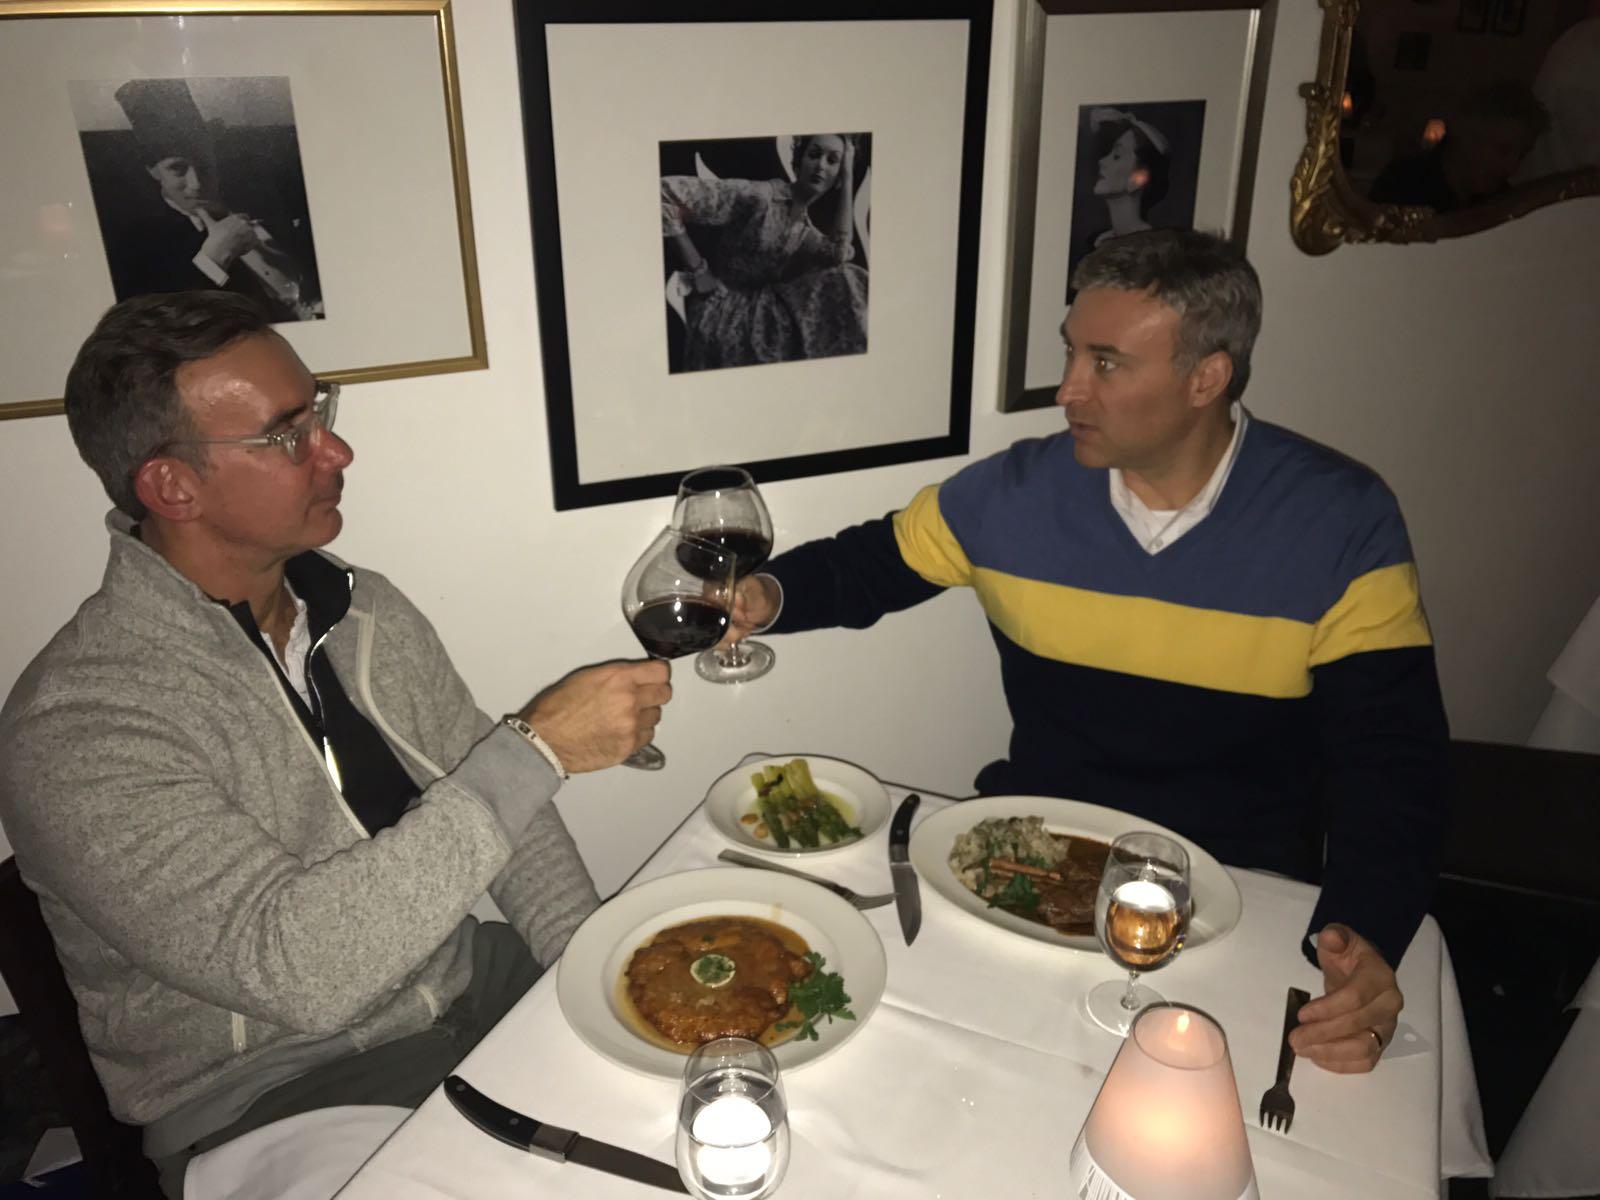 Conversing in Florentine